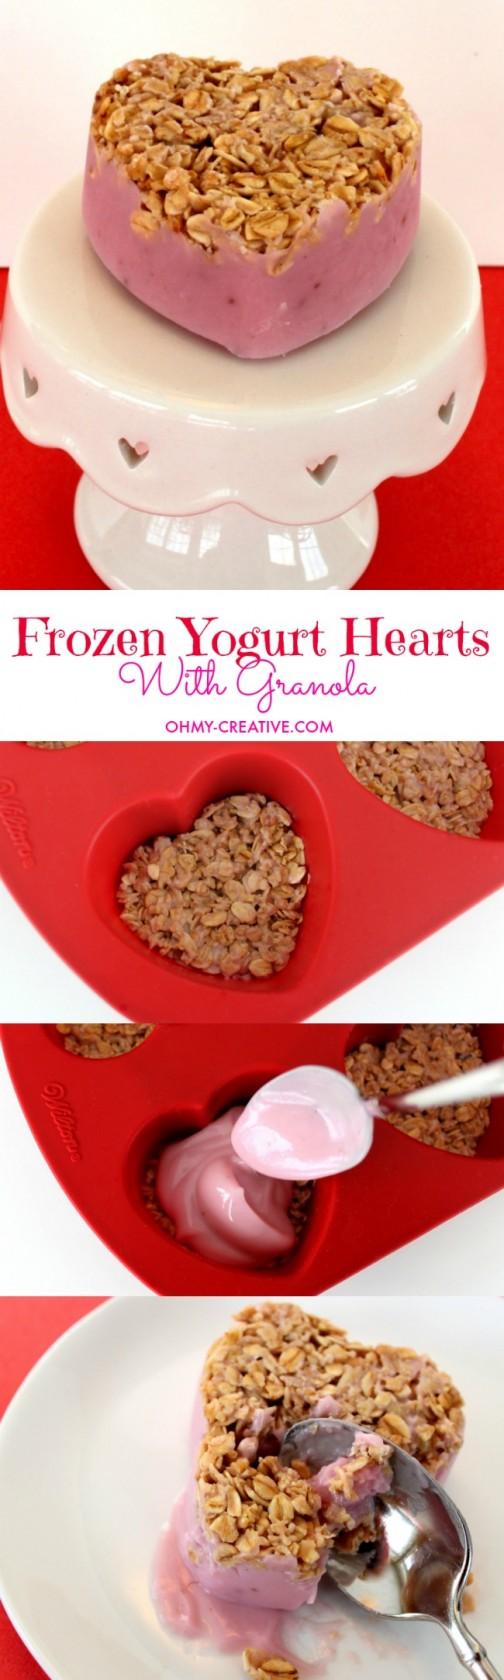 Frozen Yogurt Hearts for Valentine's Day